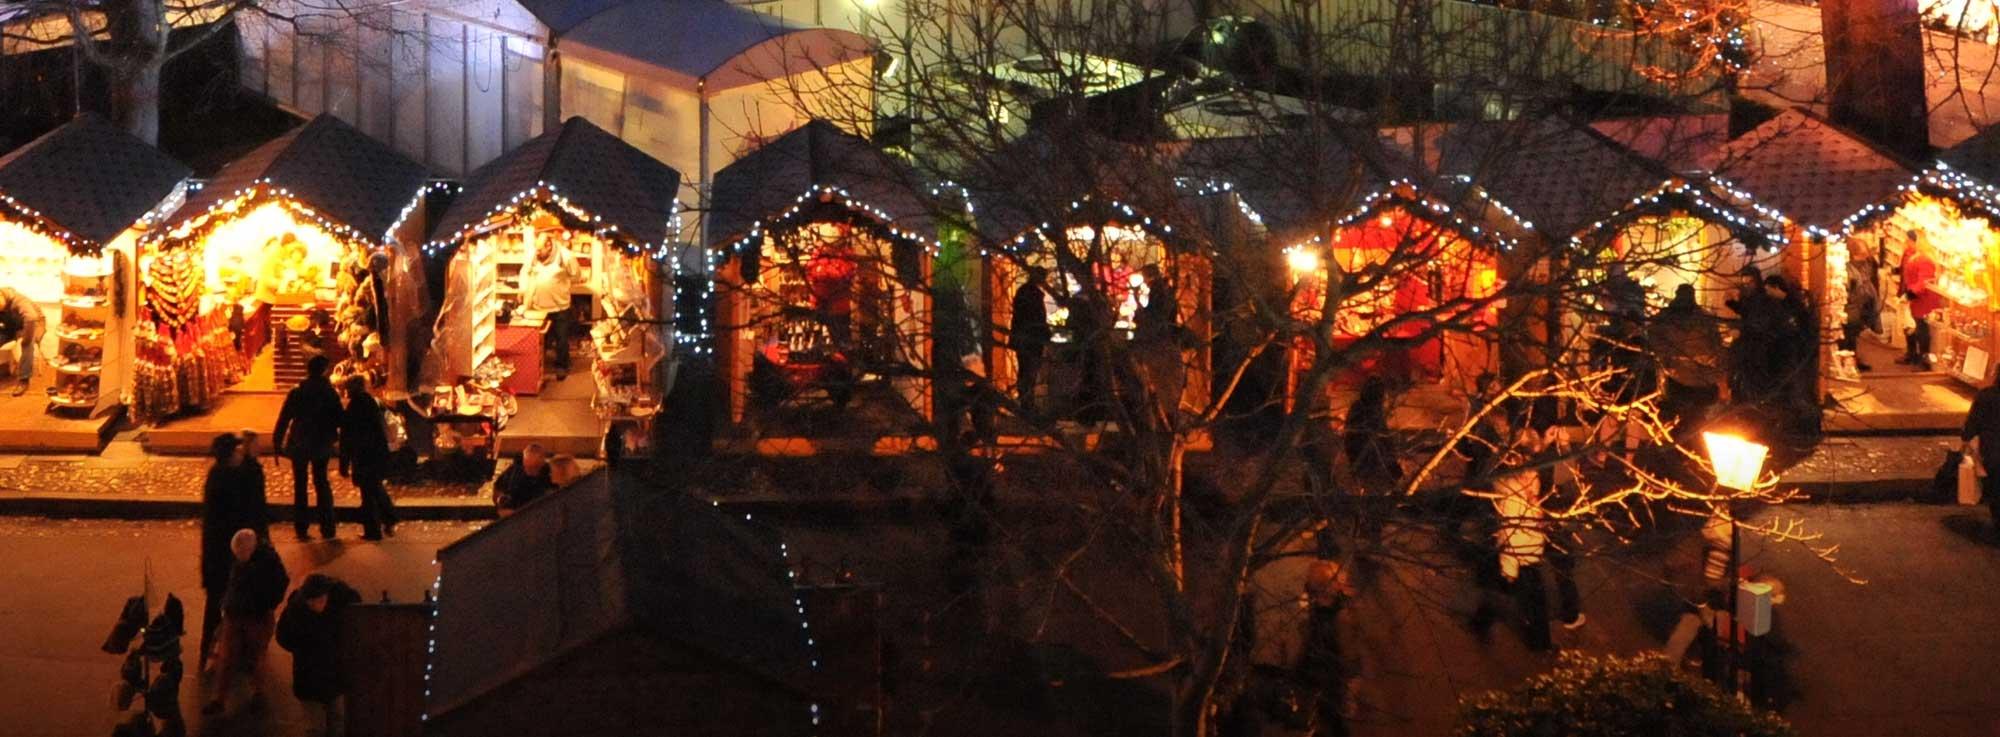 Muro Leccese: Natale al Borgo